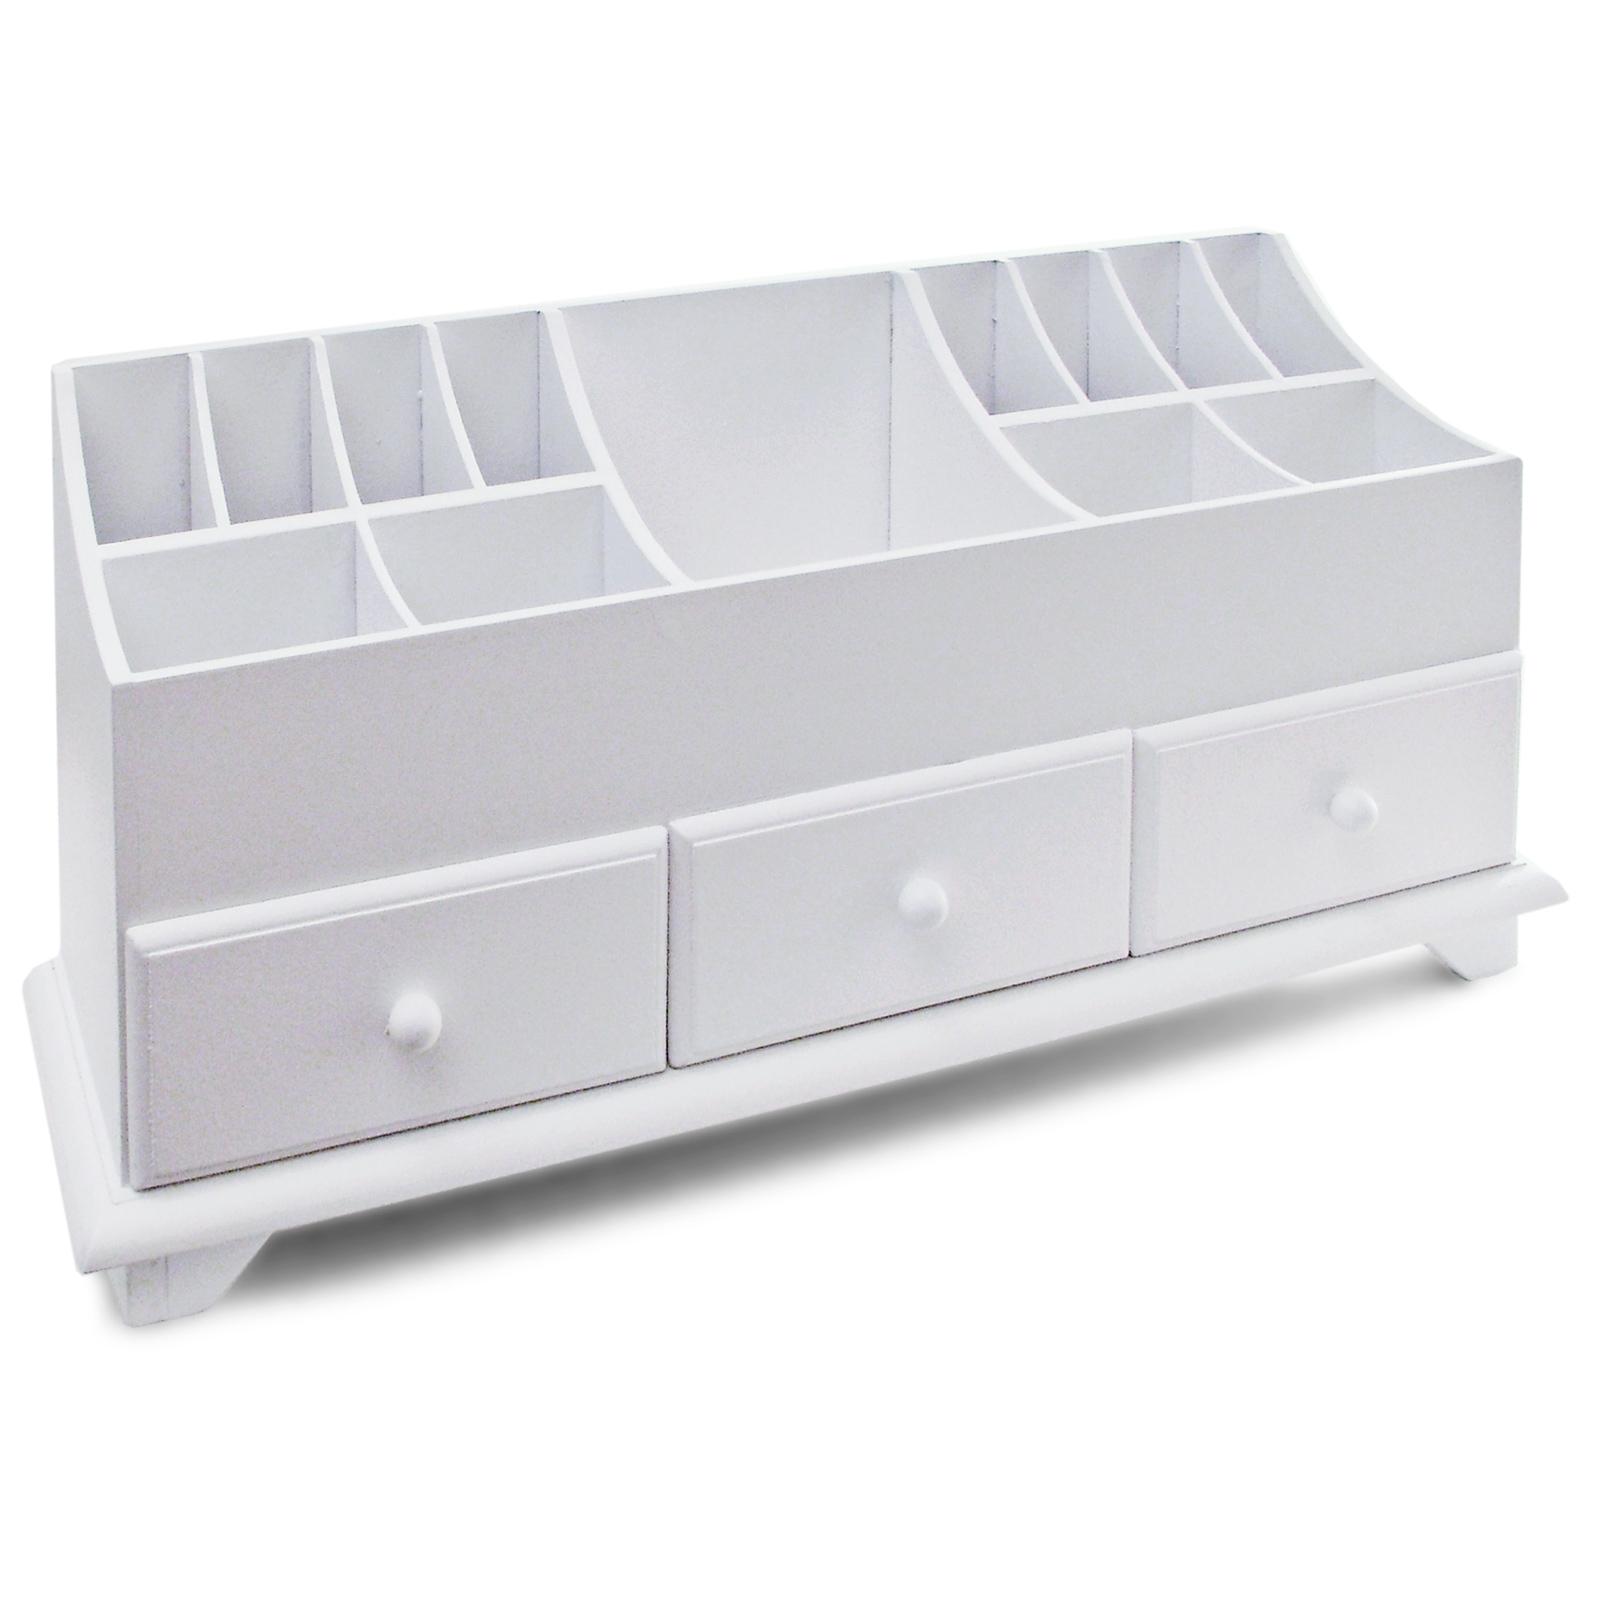 holz schreibtisch ordnungshilfe stifthalter schubladen ideal f r schlafzimmer ebay. Black Bedroom Furniture Sets. Home Design Ideas